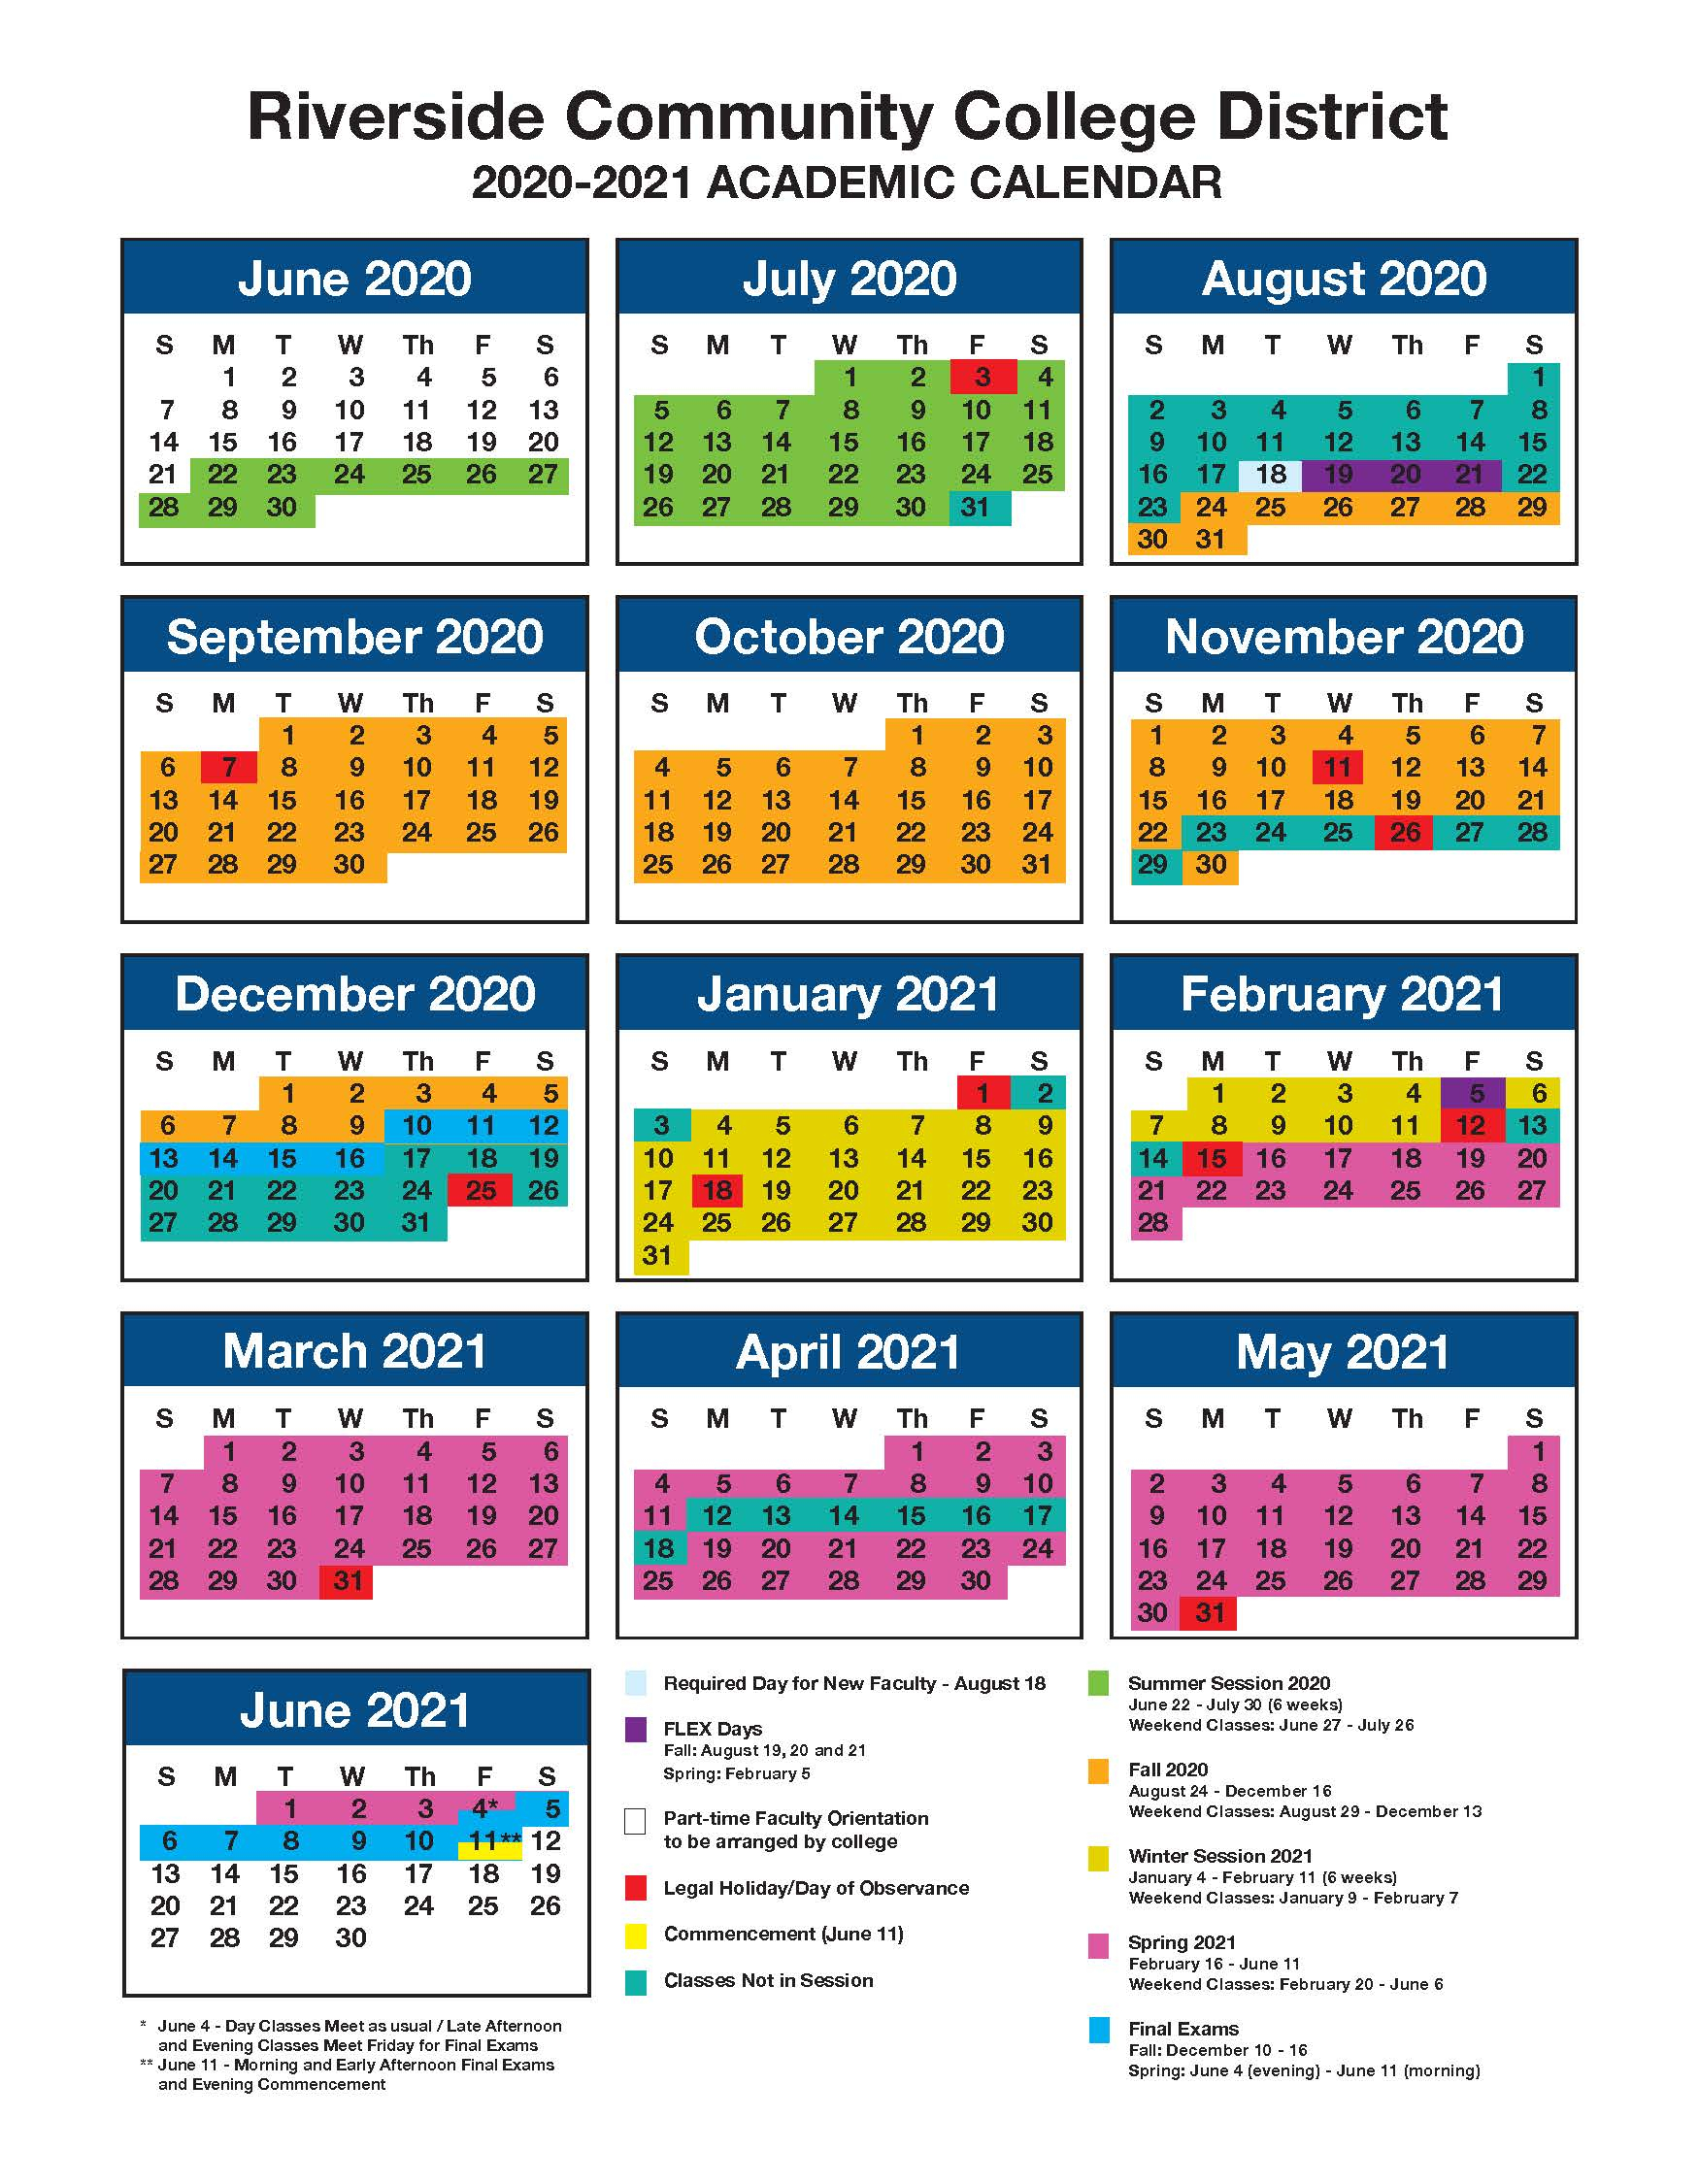 Academic Calendar In Diamond Bar High School Calendar 2021 2020